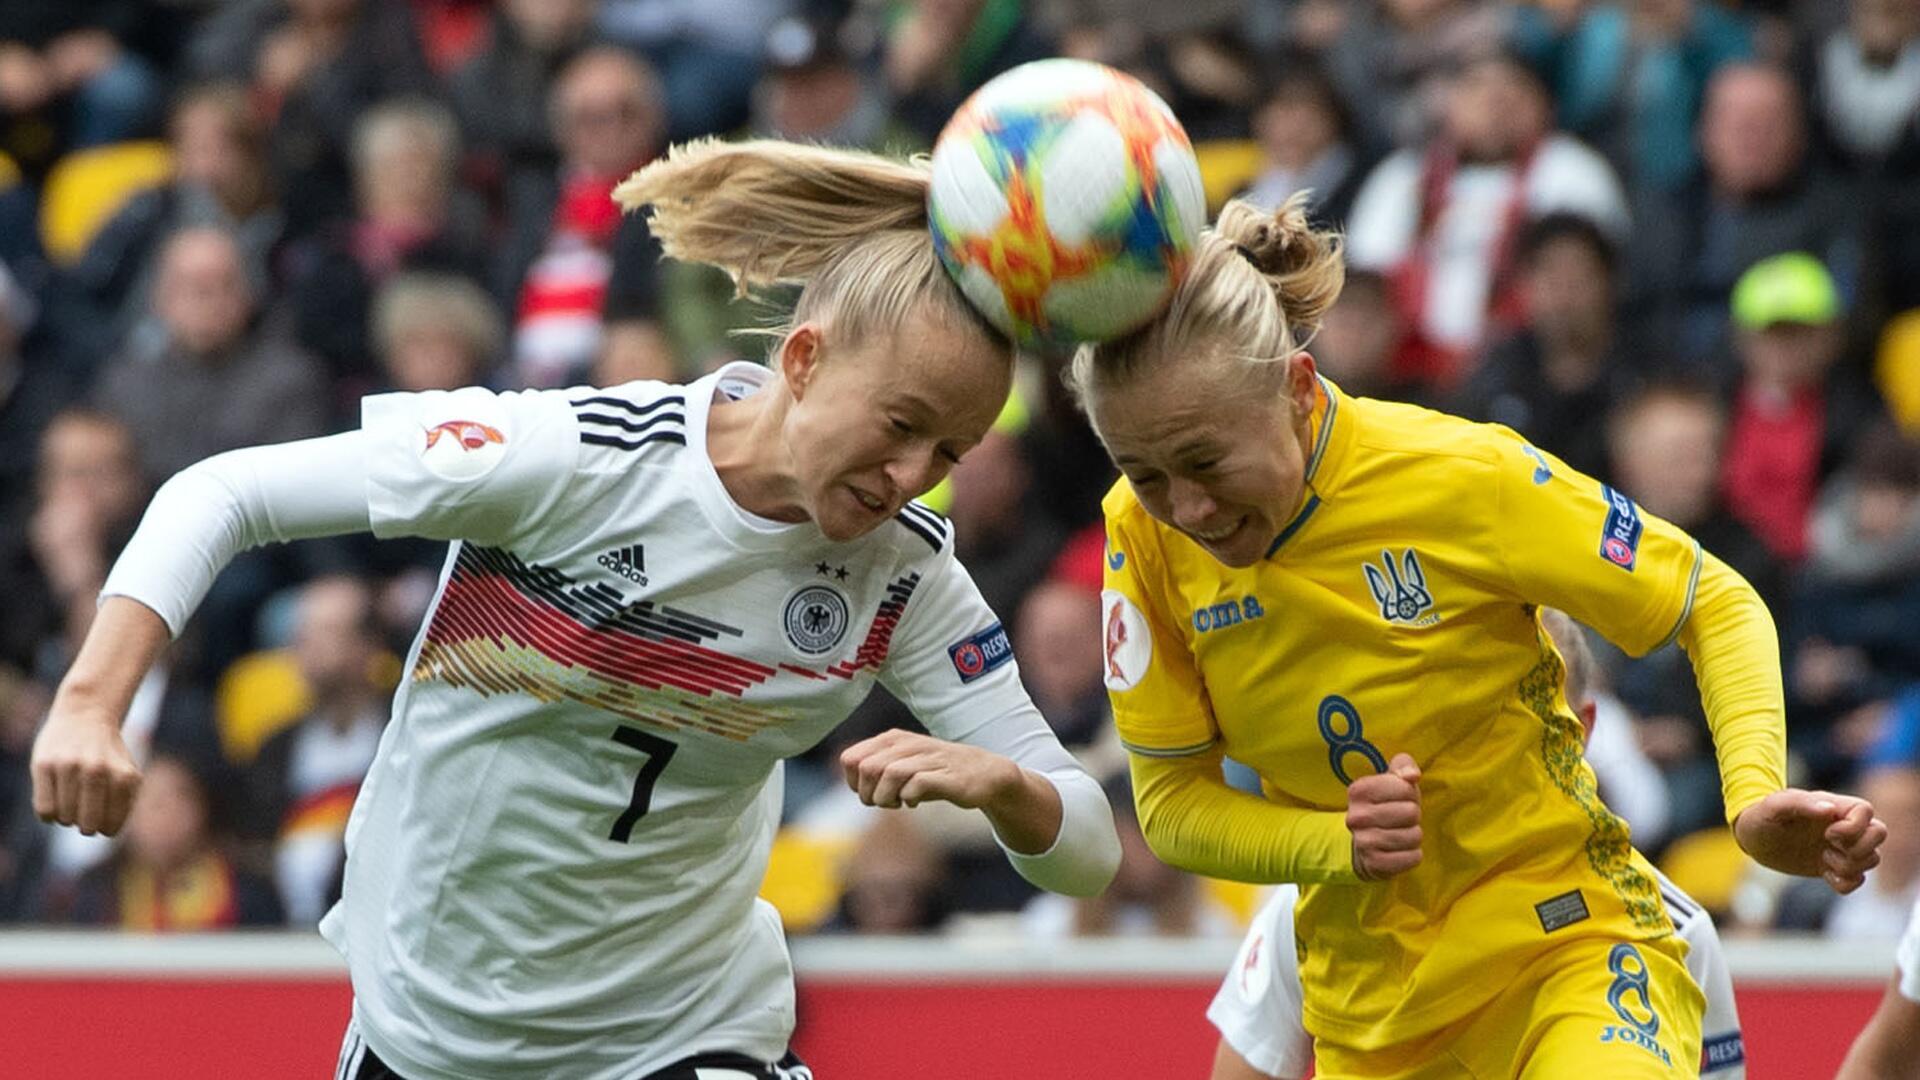 Bild zu Deutschland, Ukraine, Lea Schüller, Tetyana Kytayeva, Aachen, EM, EM-Qualifikation, Tivoli